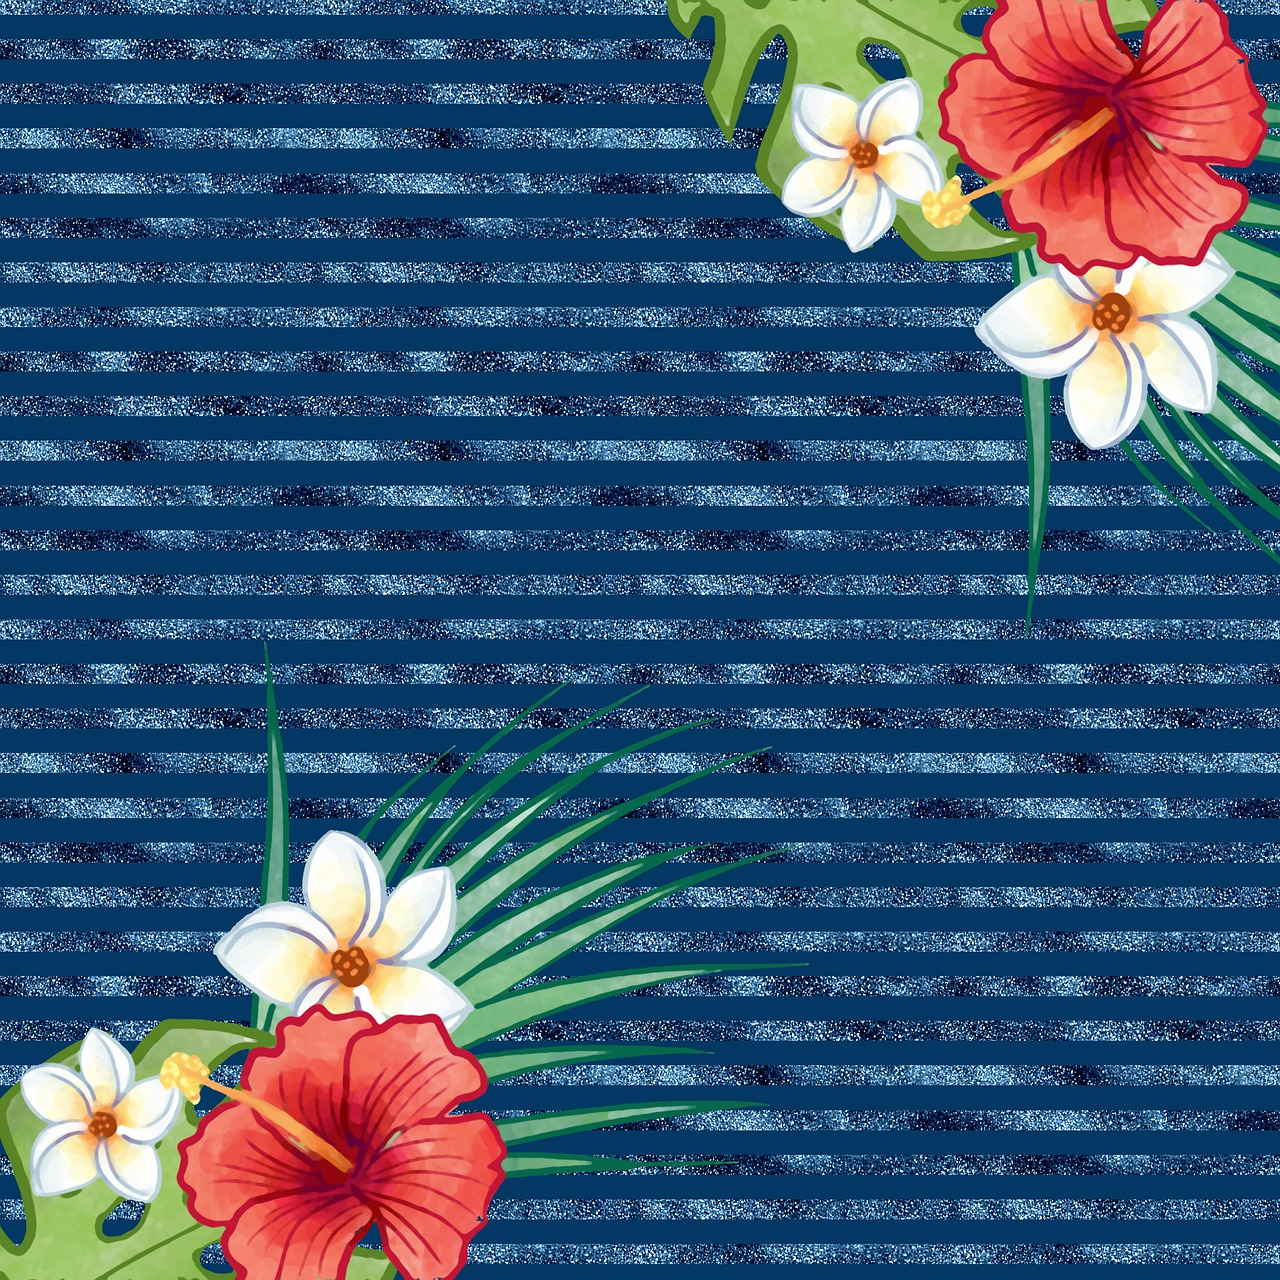 Tropical Floral Background Digital Free Image On Pixabay